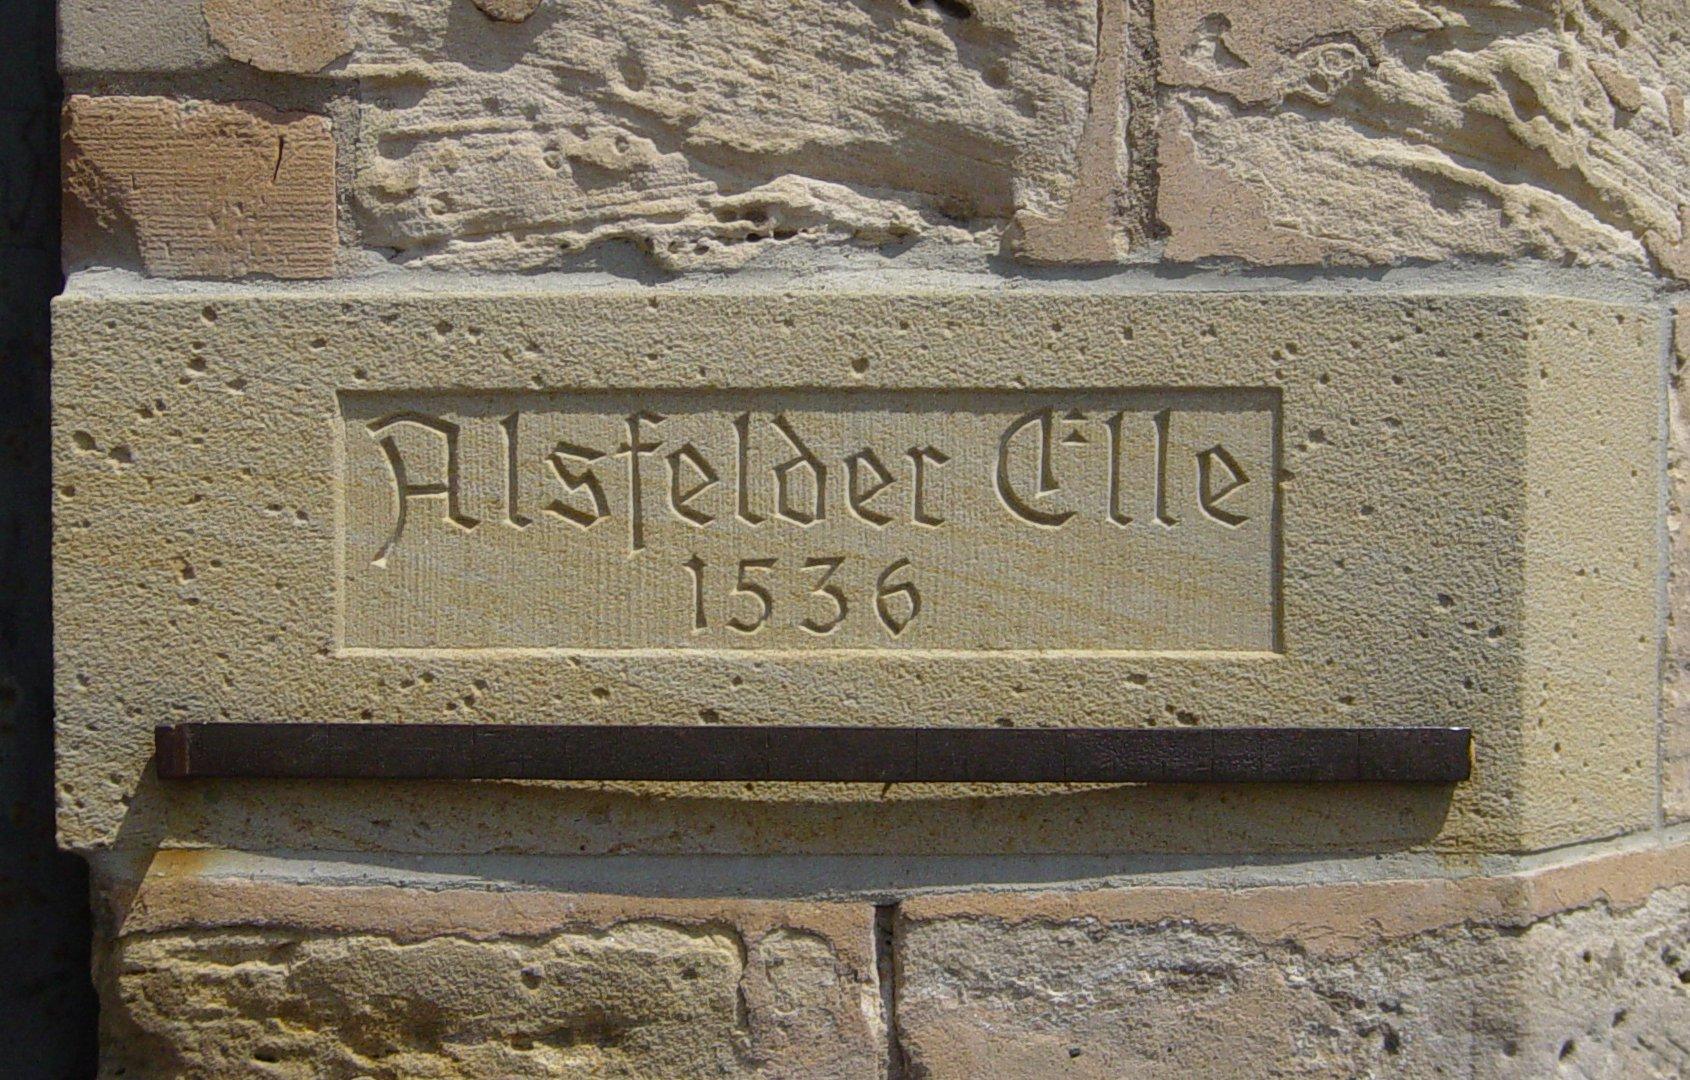 File:Alsfelder Elle 1536.jpg